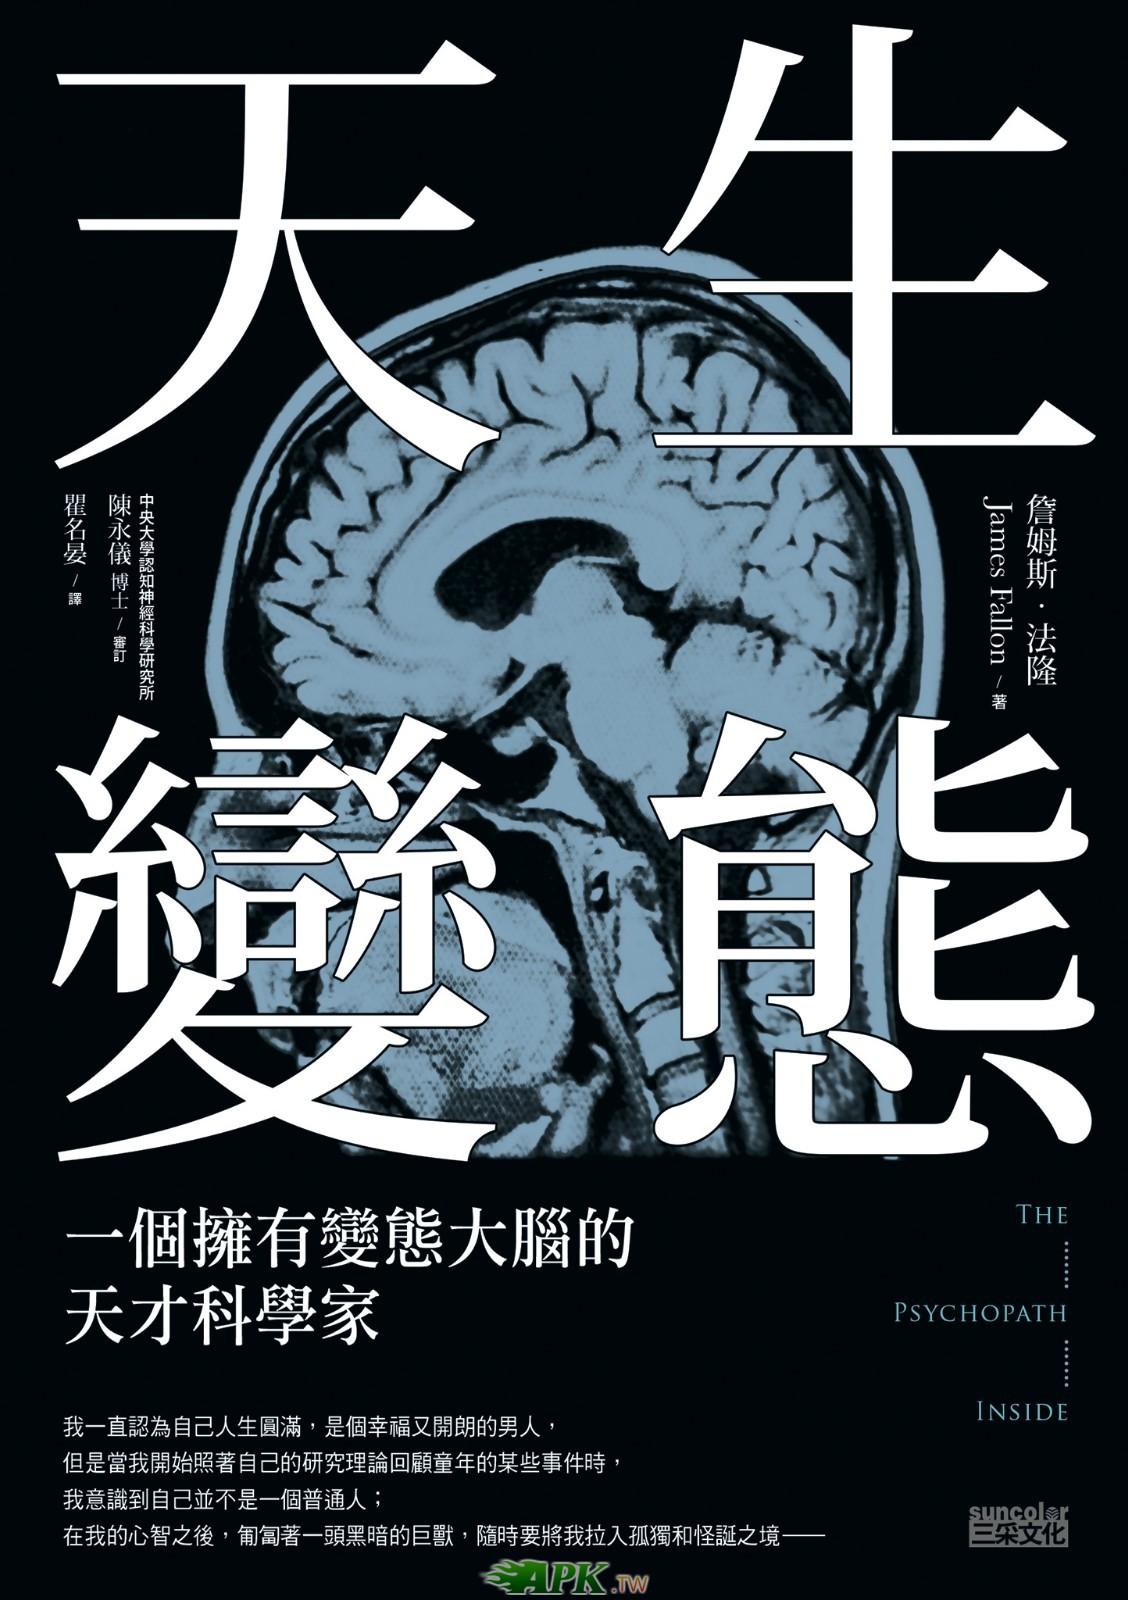 詹姆斯.法隆《天生變態:一個擁有變態大腦的天才科學家》.jpg